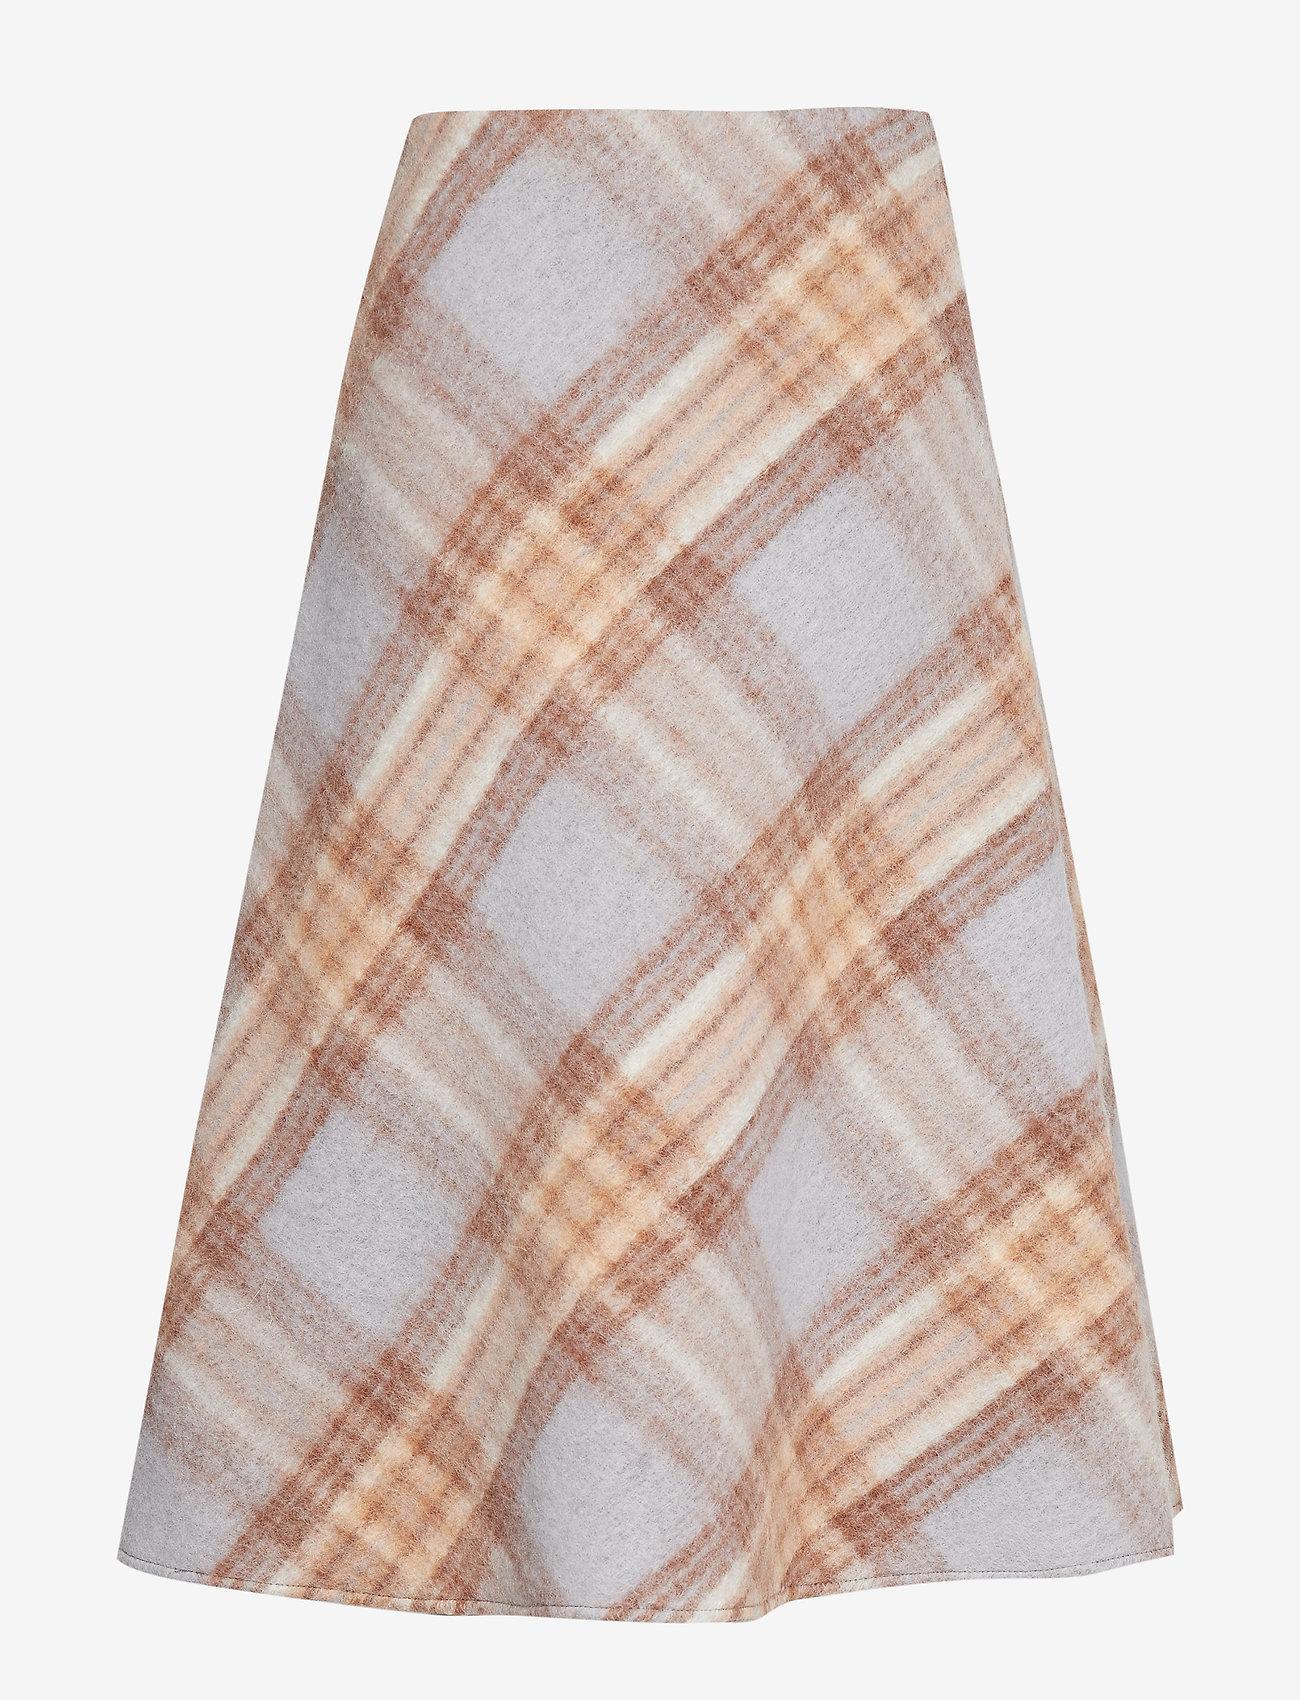 Babet Skirt (Lavender) - Lovechild 1979 Hw9BYJ